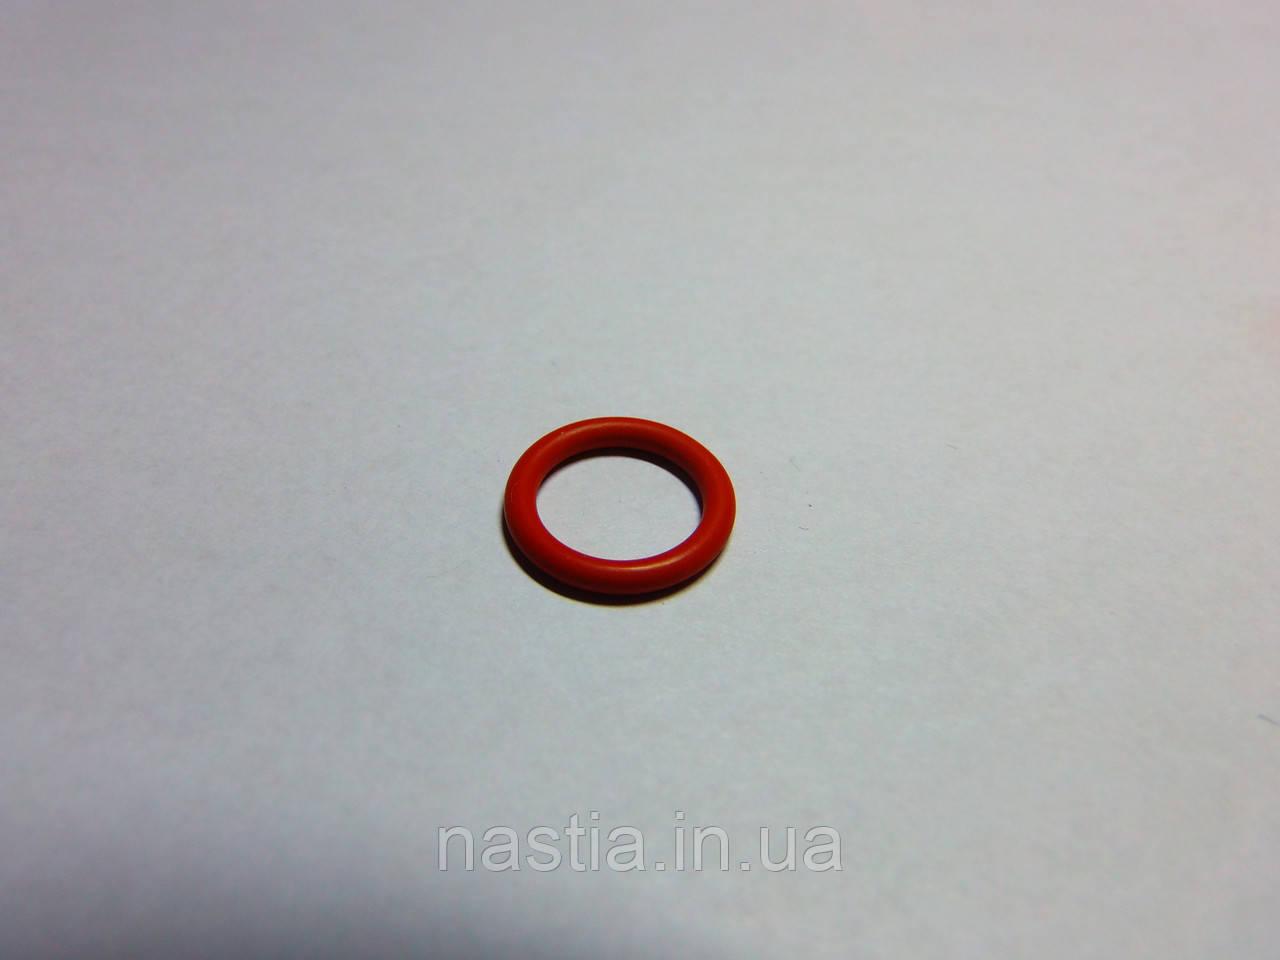 резиновый уплотнитель OR 110 2037 витон 9,25х1,78